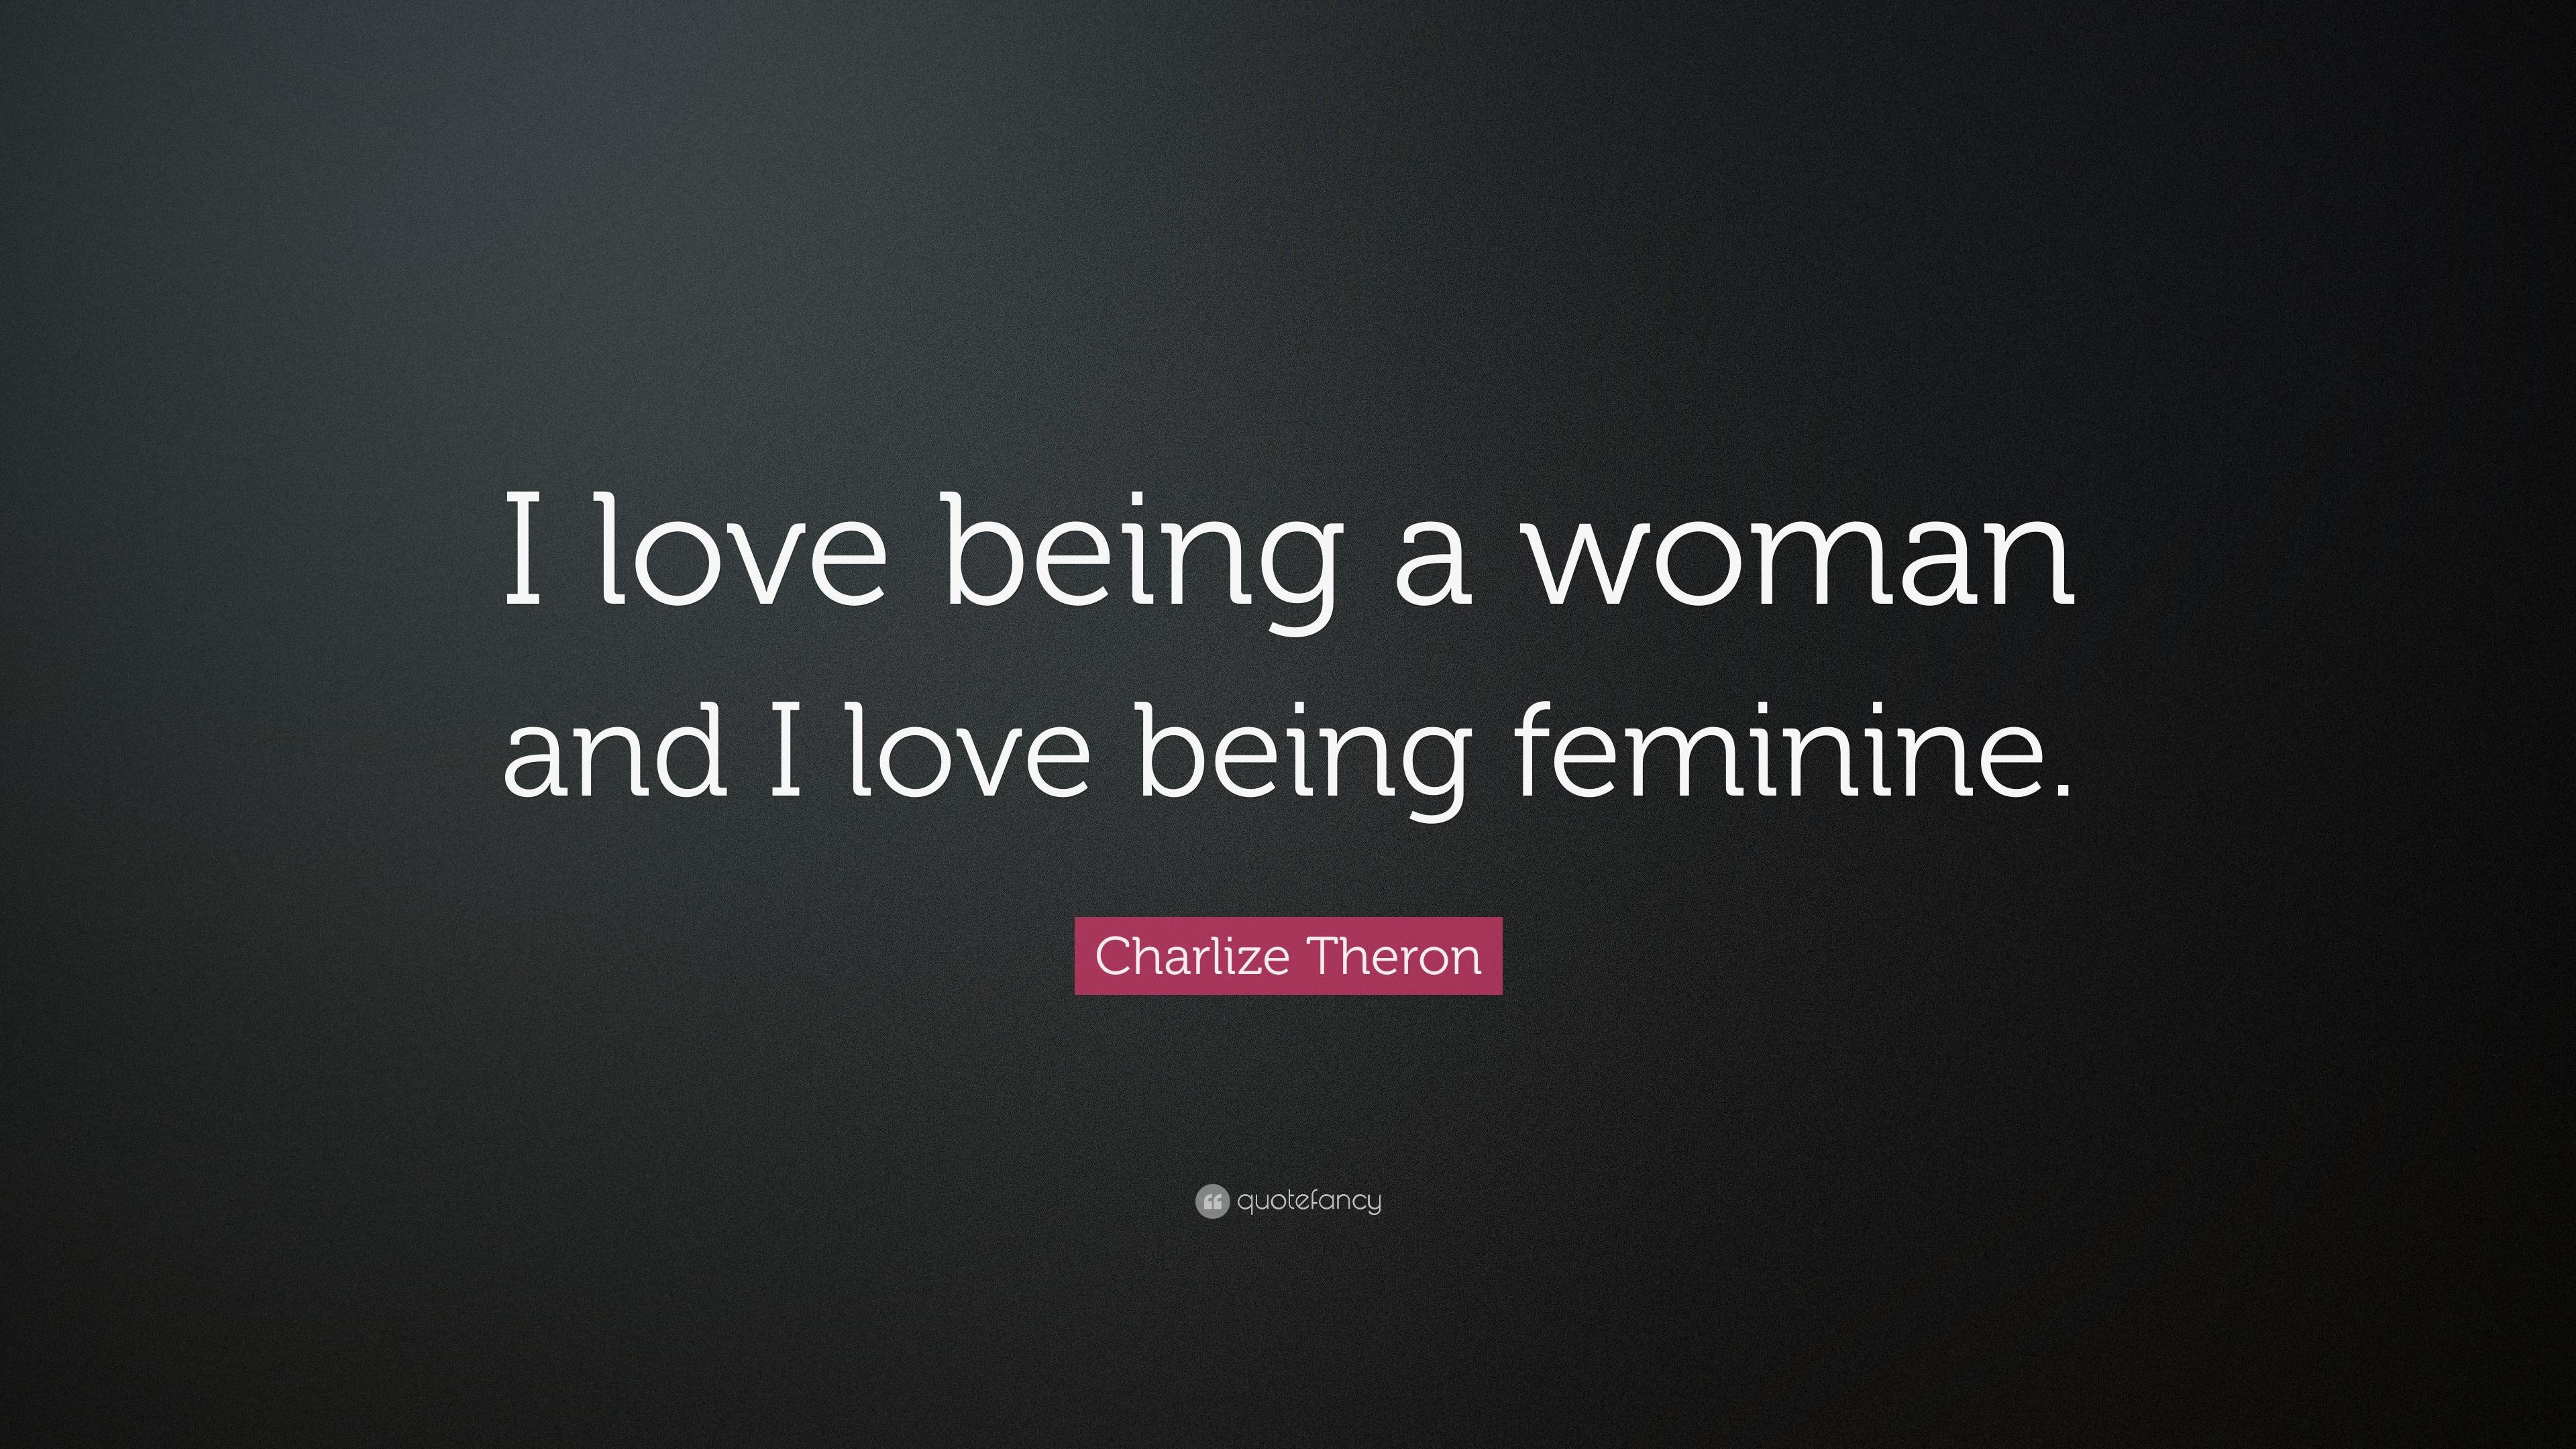 I love being feminine